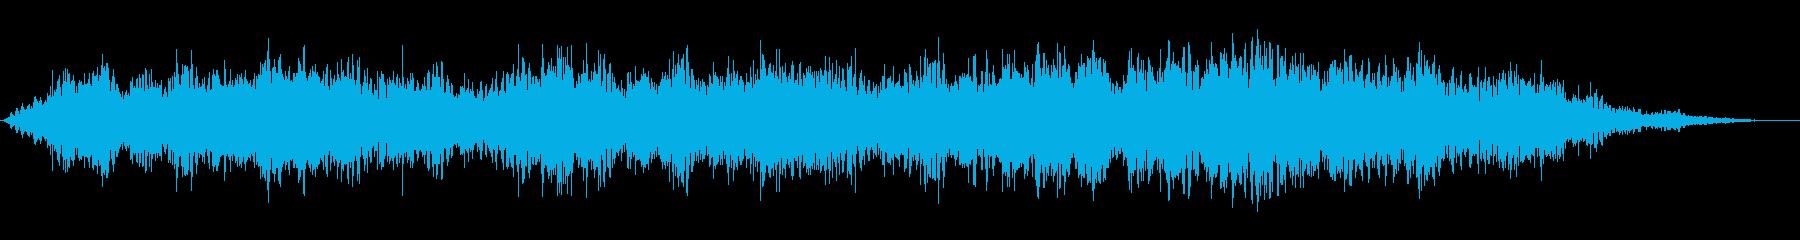 ゴーストワークスの再生済みの波形